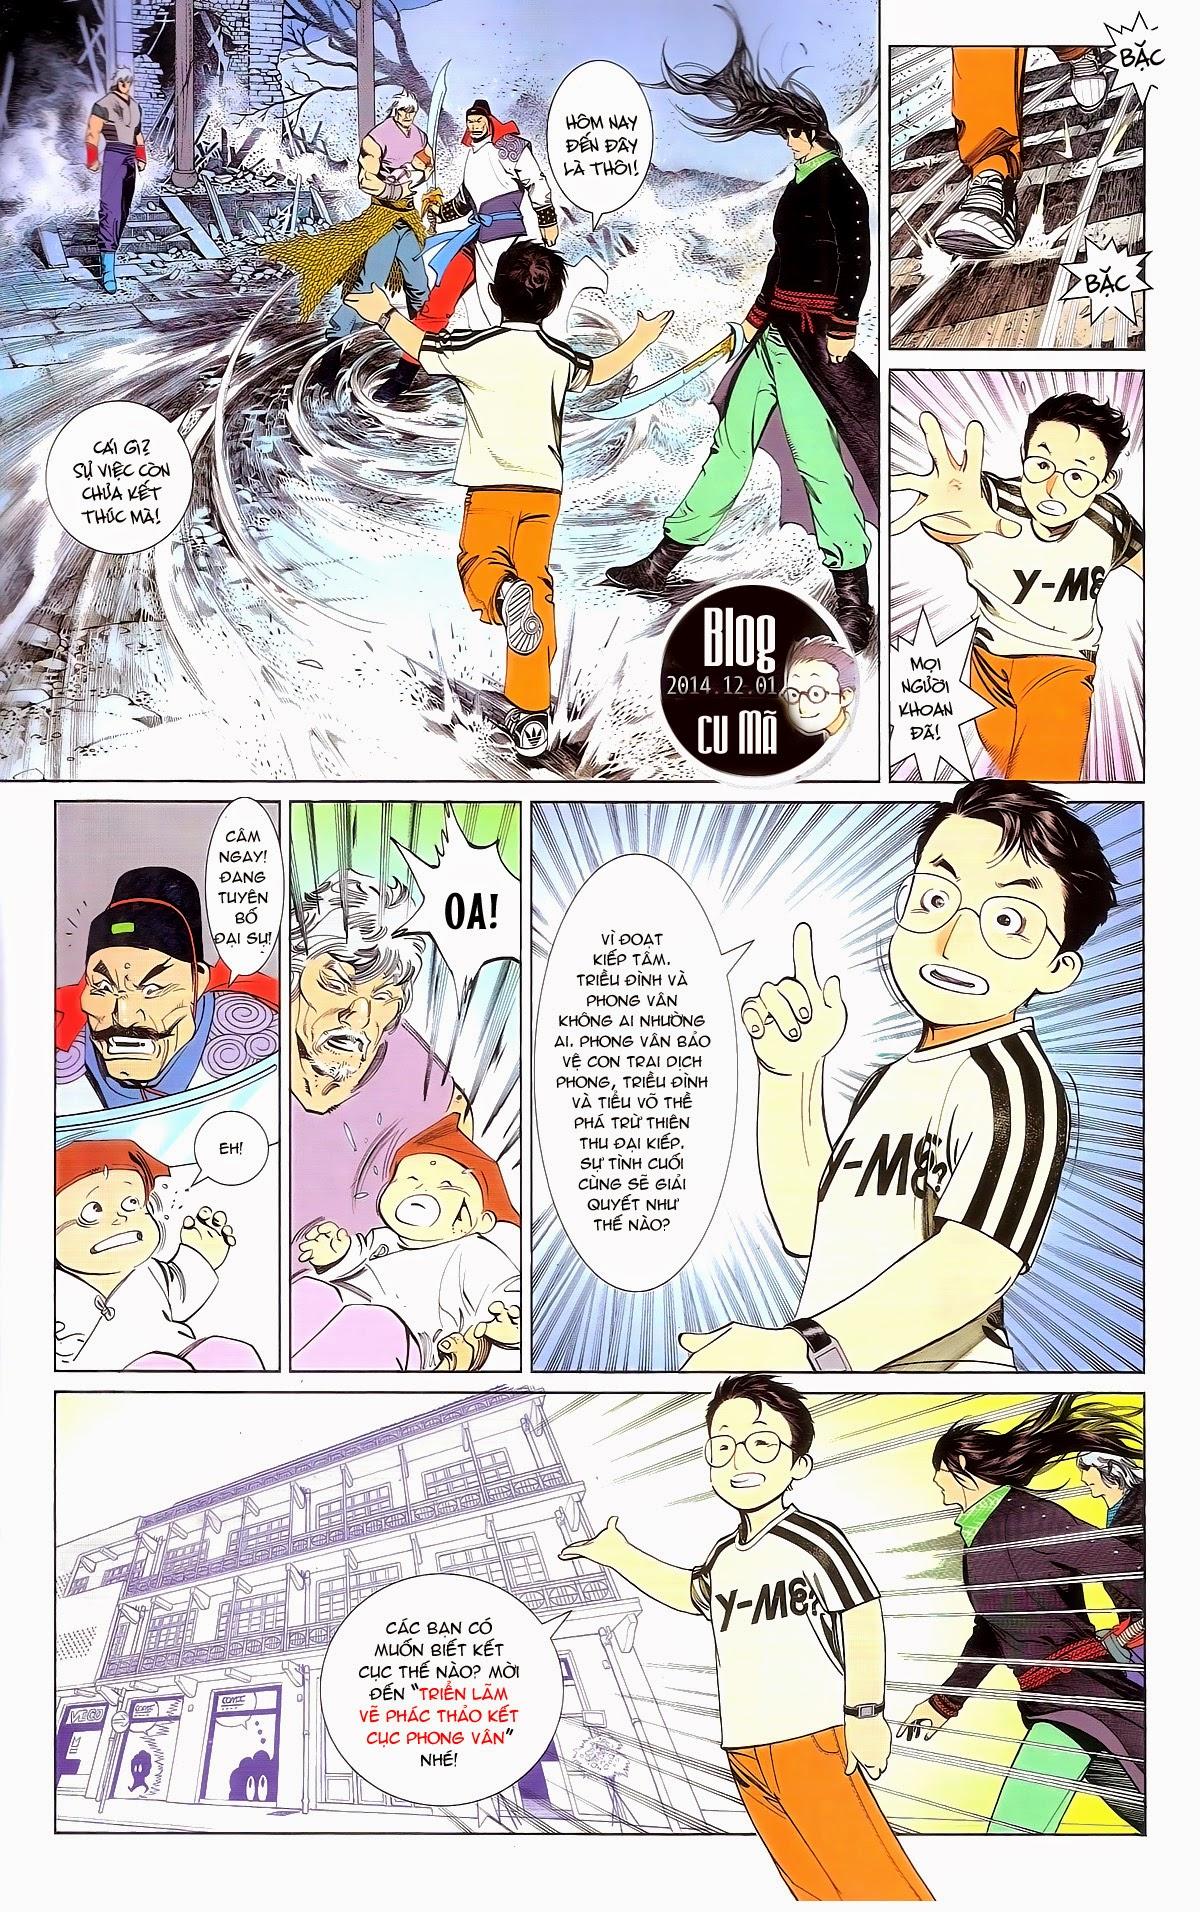 Phong Vân chap 674 – End Trang 79 - Mangak.info